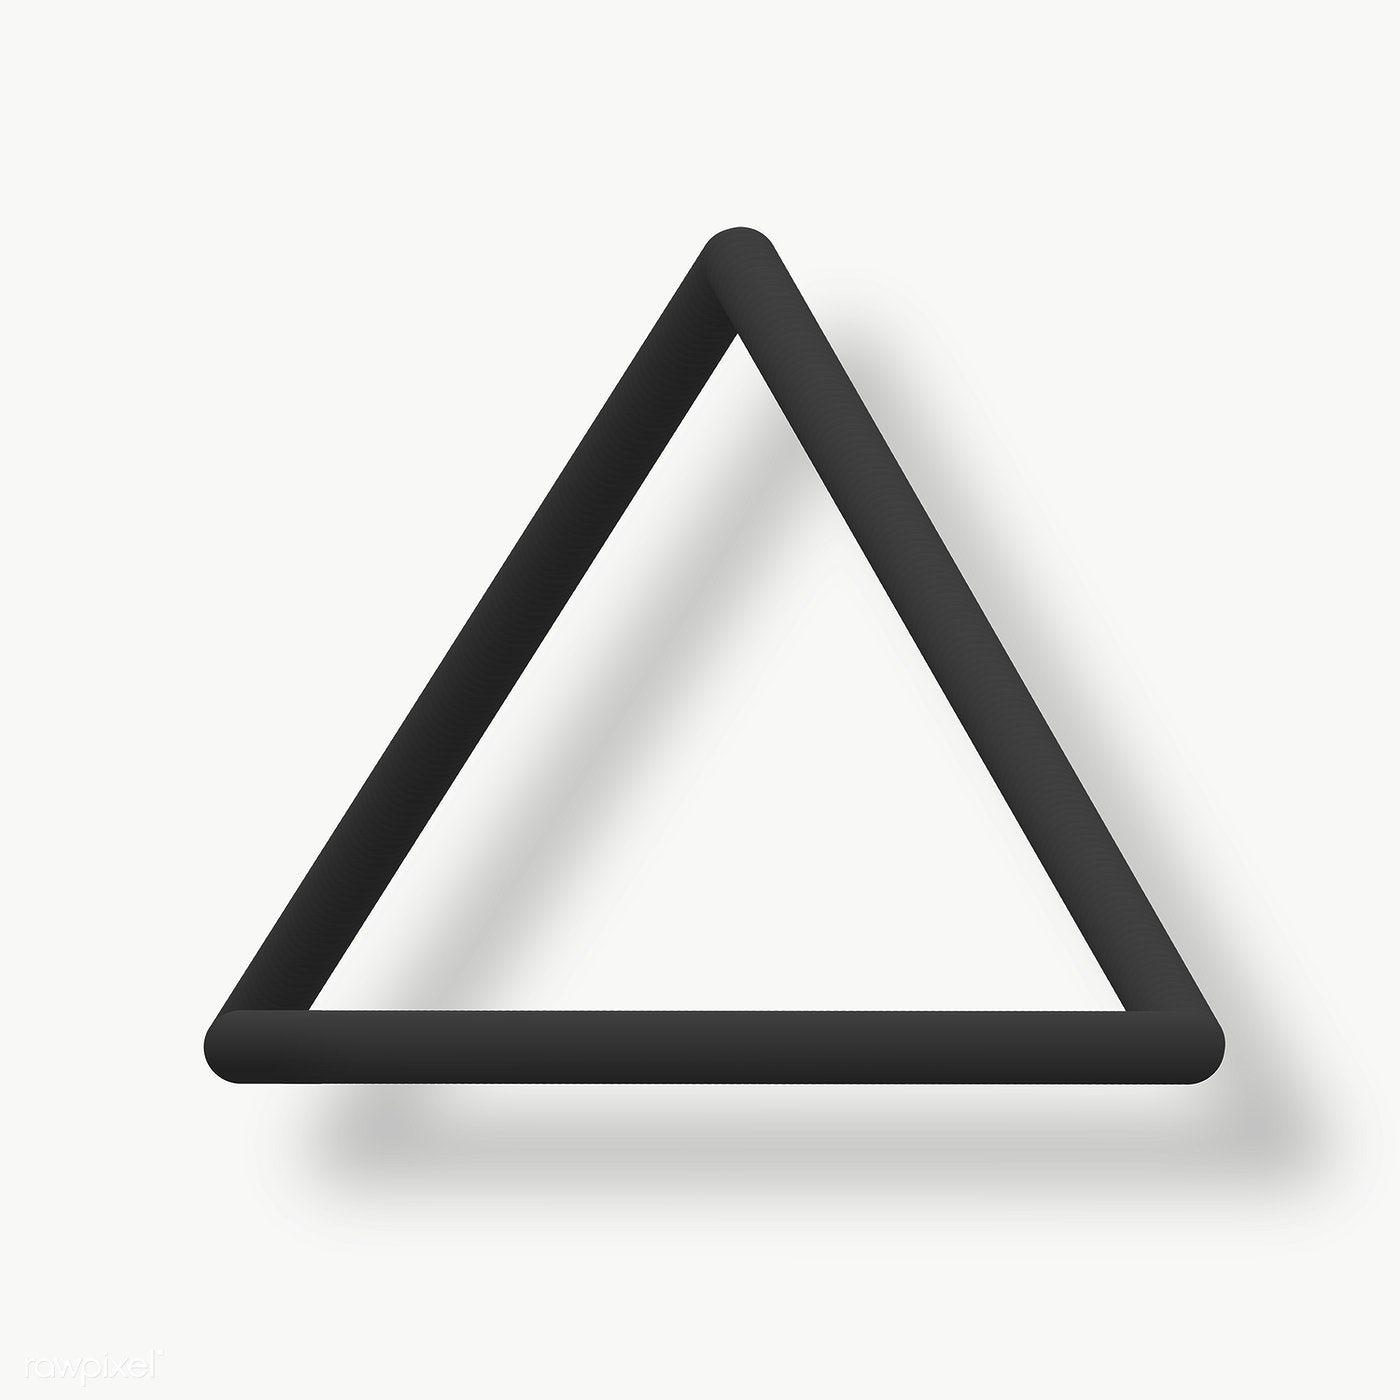 Black Triangle Design Social Banner Free Image By Rawpixel Com Kappy Kappy Triangle Design Design Transparent